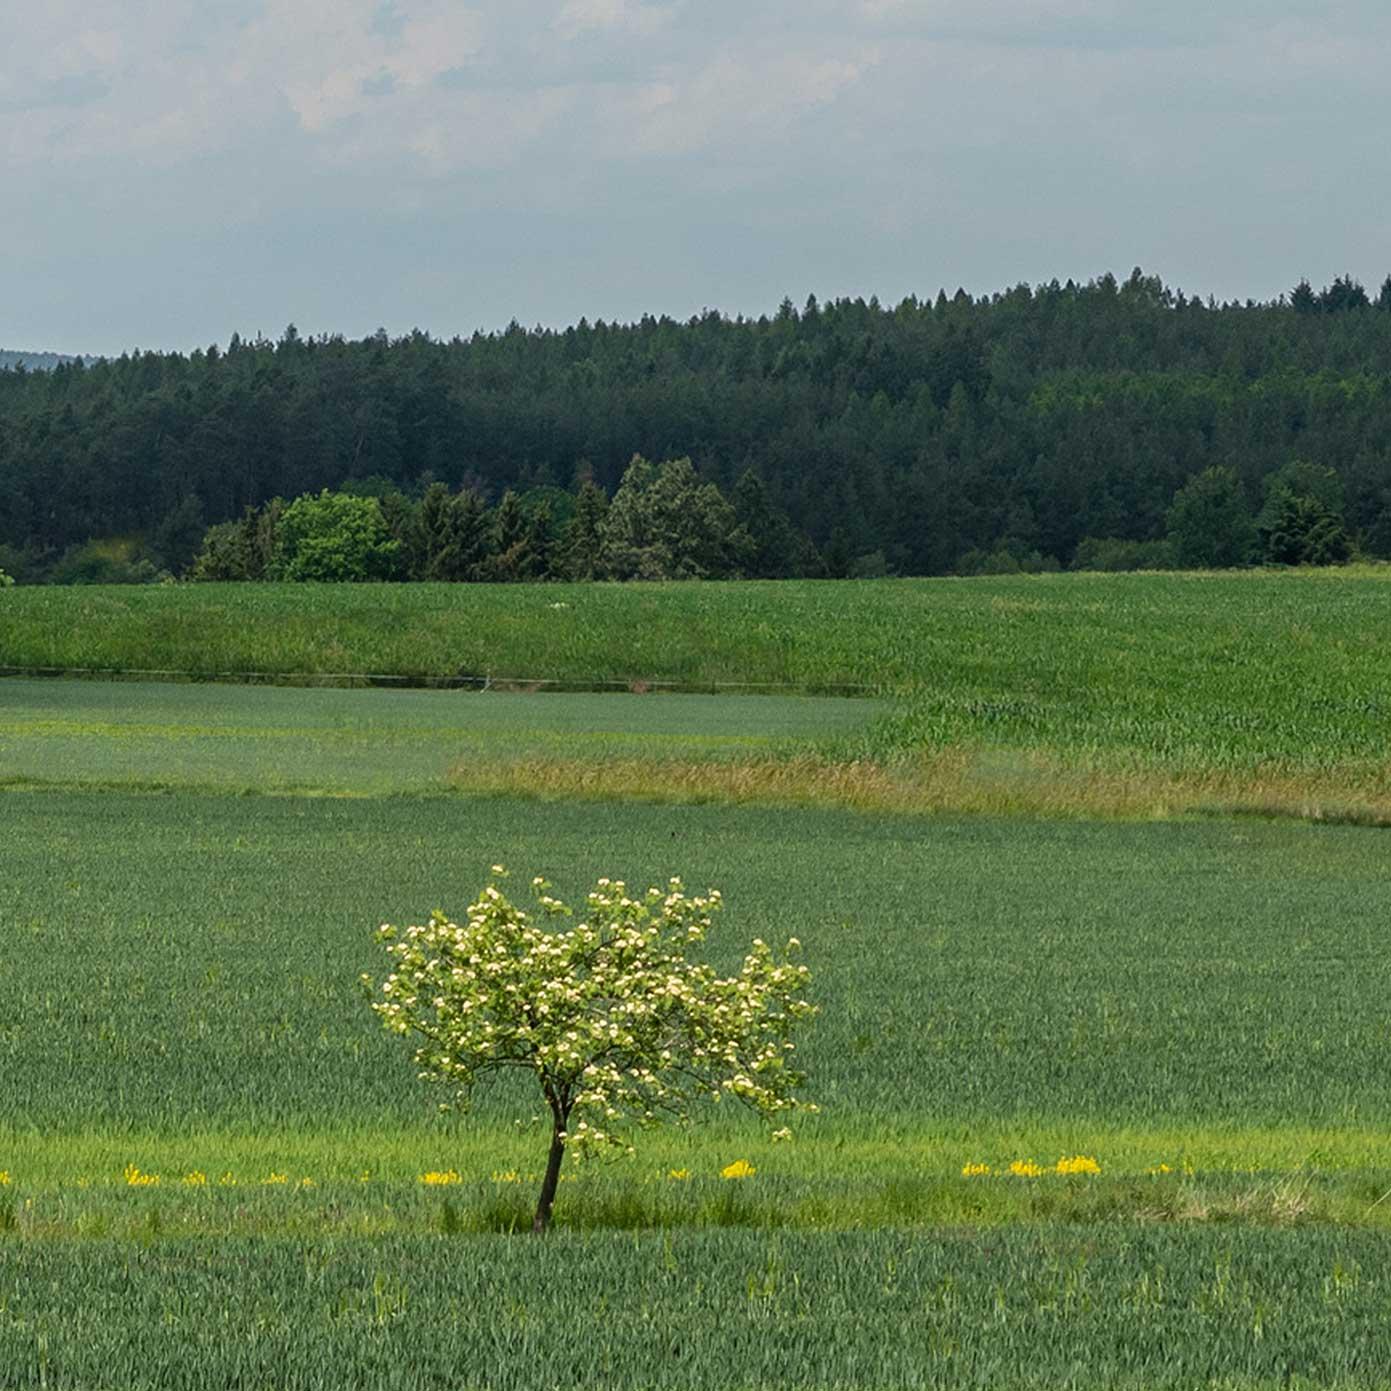 Münsterland Teil 2 – Modellbahn Hintergrund 300cm x 50 cm 2